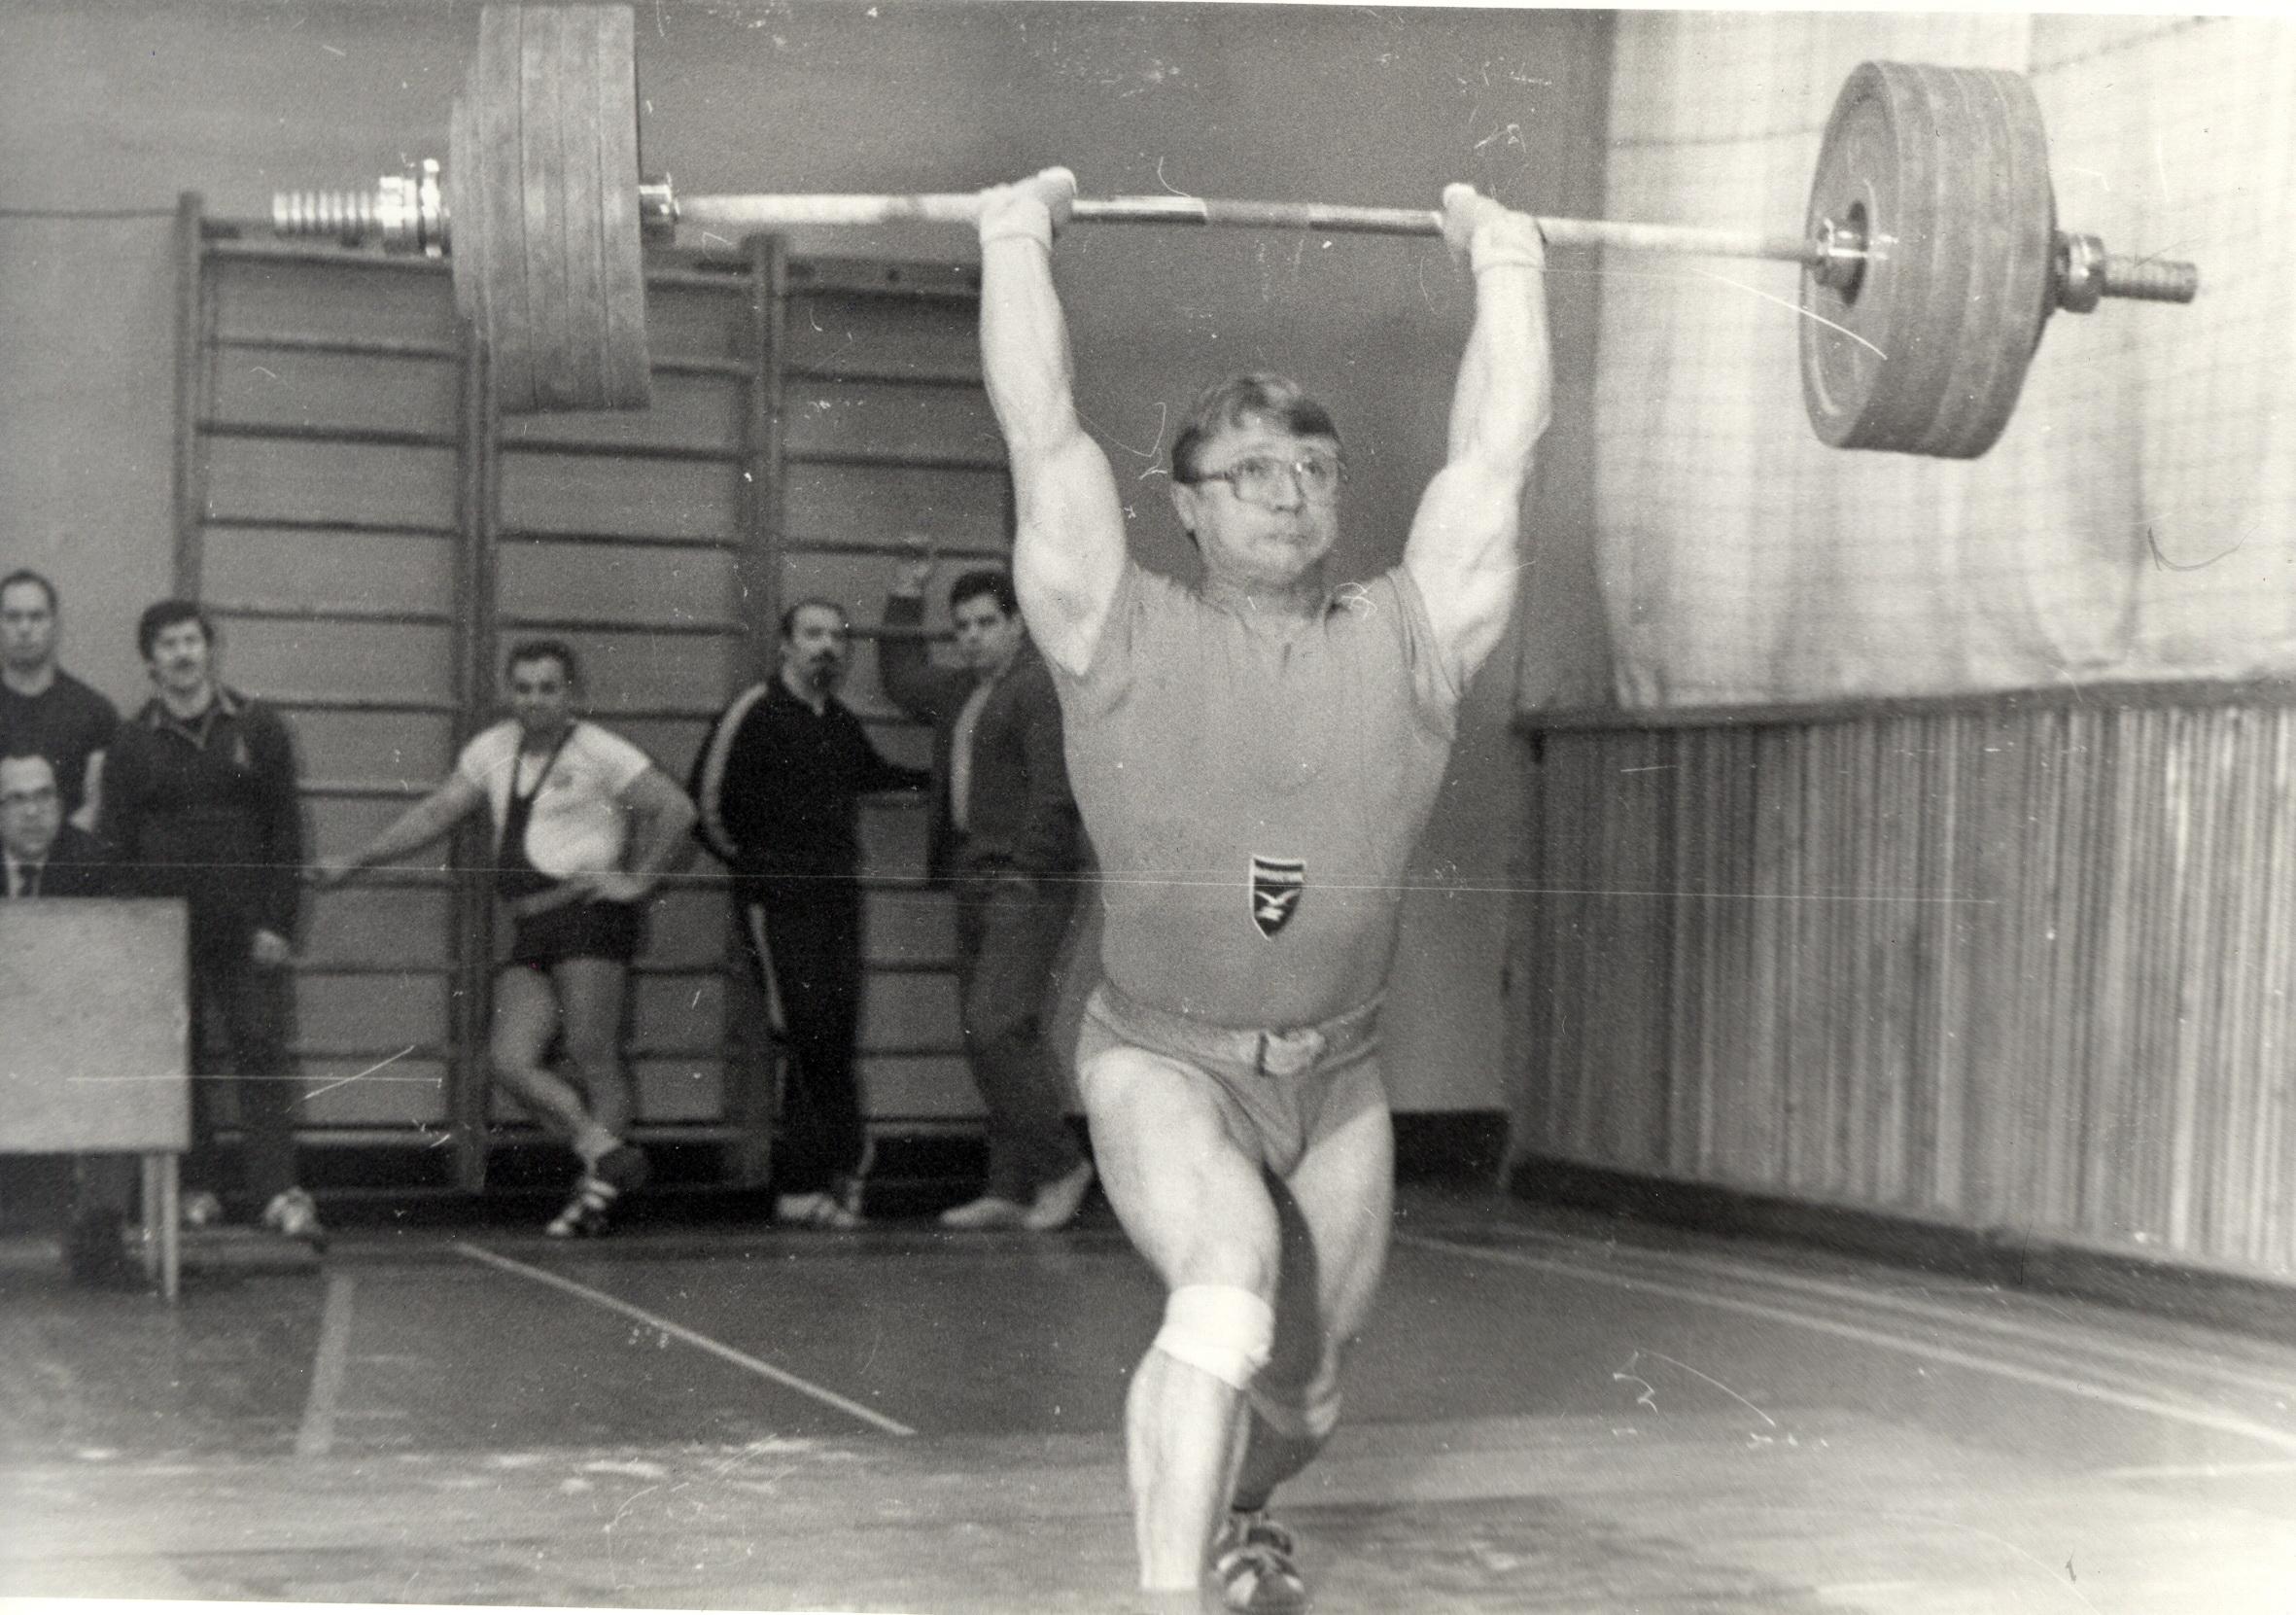 Последний архивный протокол по тяжелой атлетике Ленинград 1986